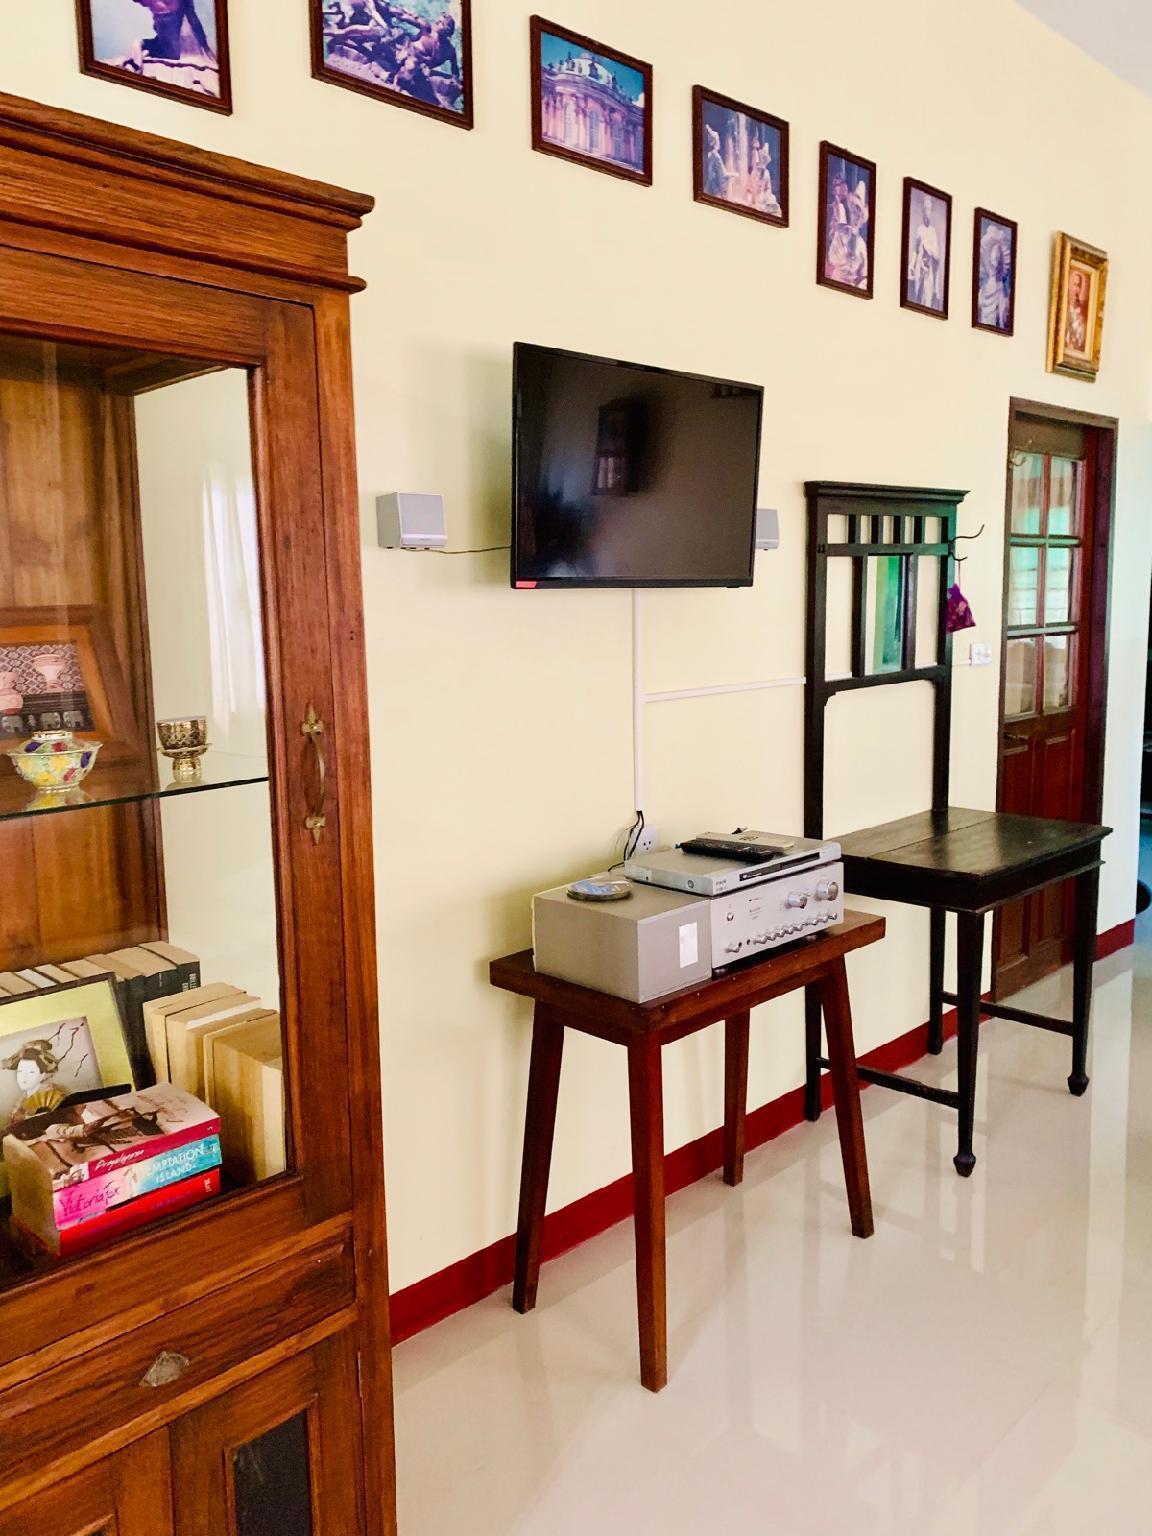 House Ploywarin บ้านเดี่ยว 2 ห้องนอน 2 ห้องน้ำส่วนตัว ขนาด 150 ตร.ม. – กลางเมืองหัวหิน